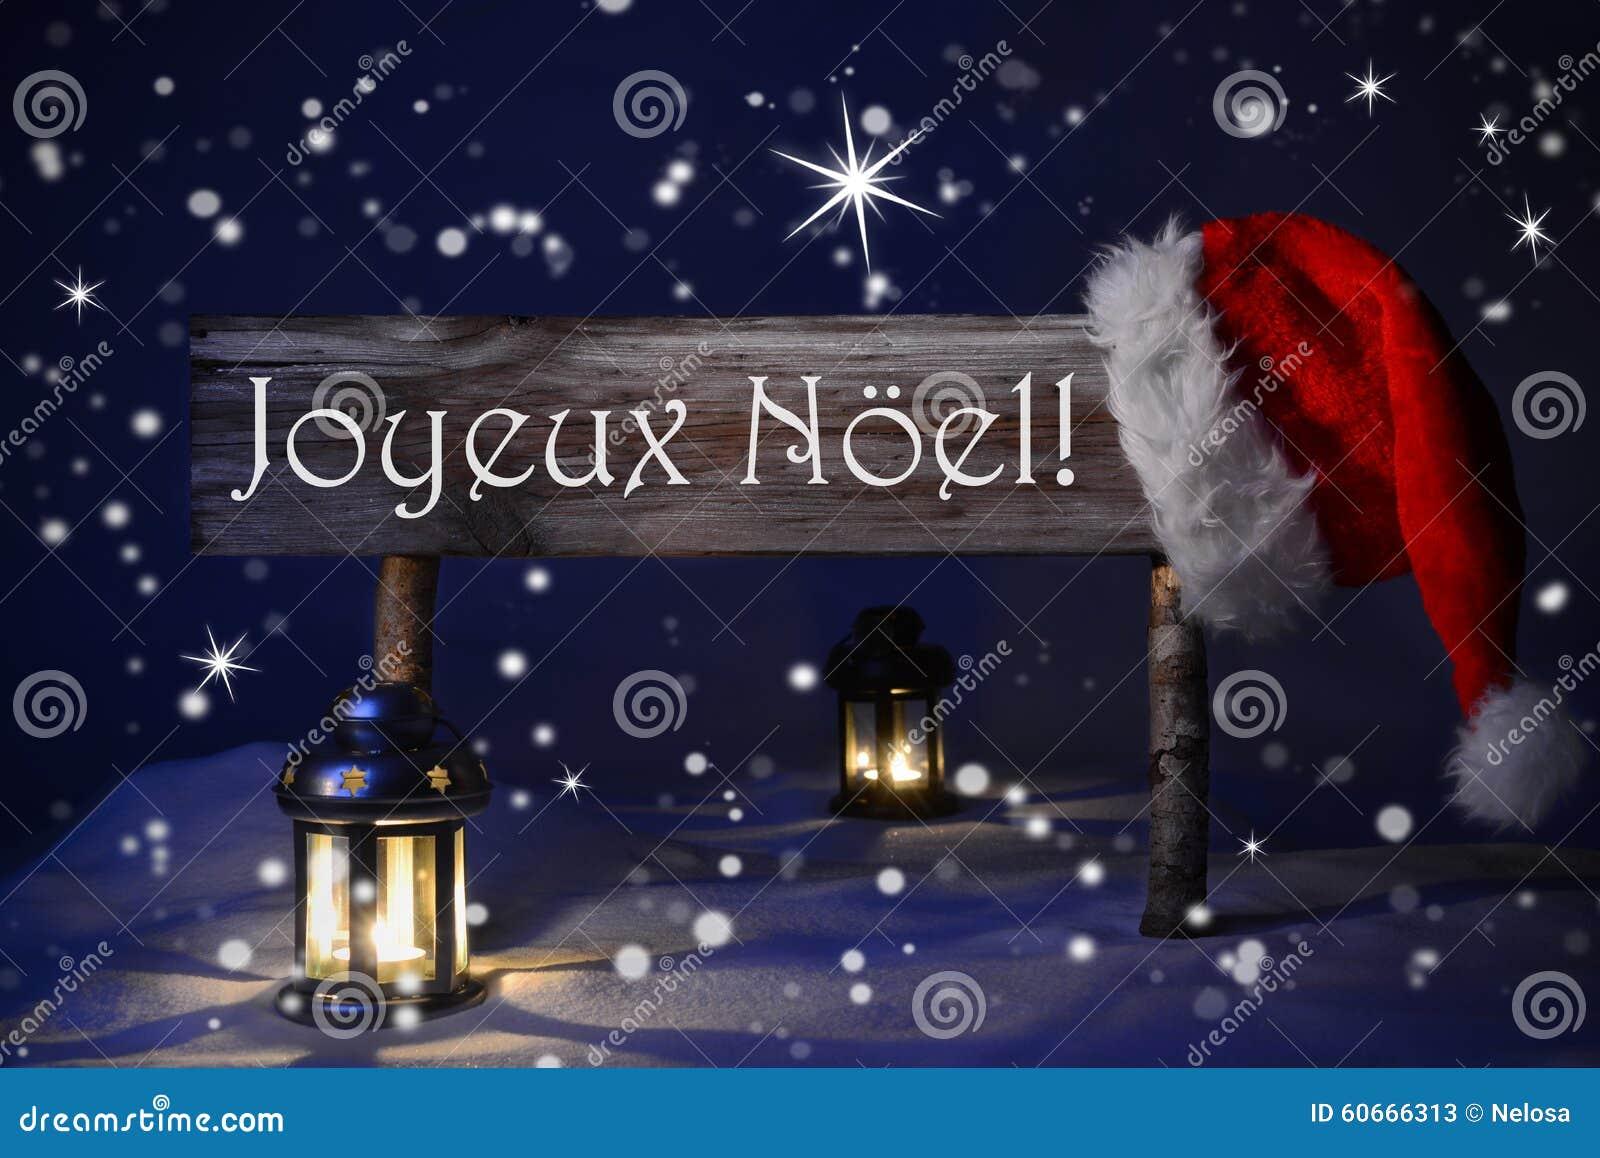 sign candlelight santa hat joyeux noel means merry. Black Bedroom Furniture Sets. Home Design Ideas